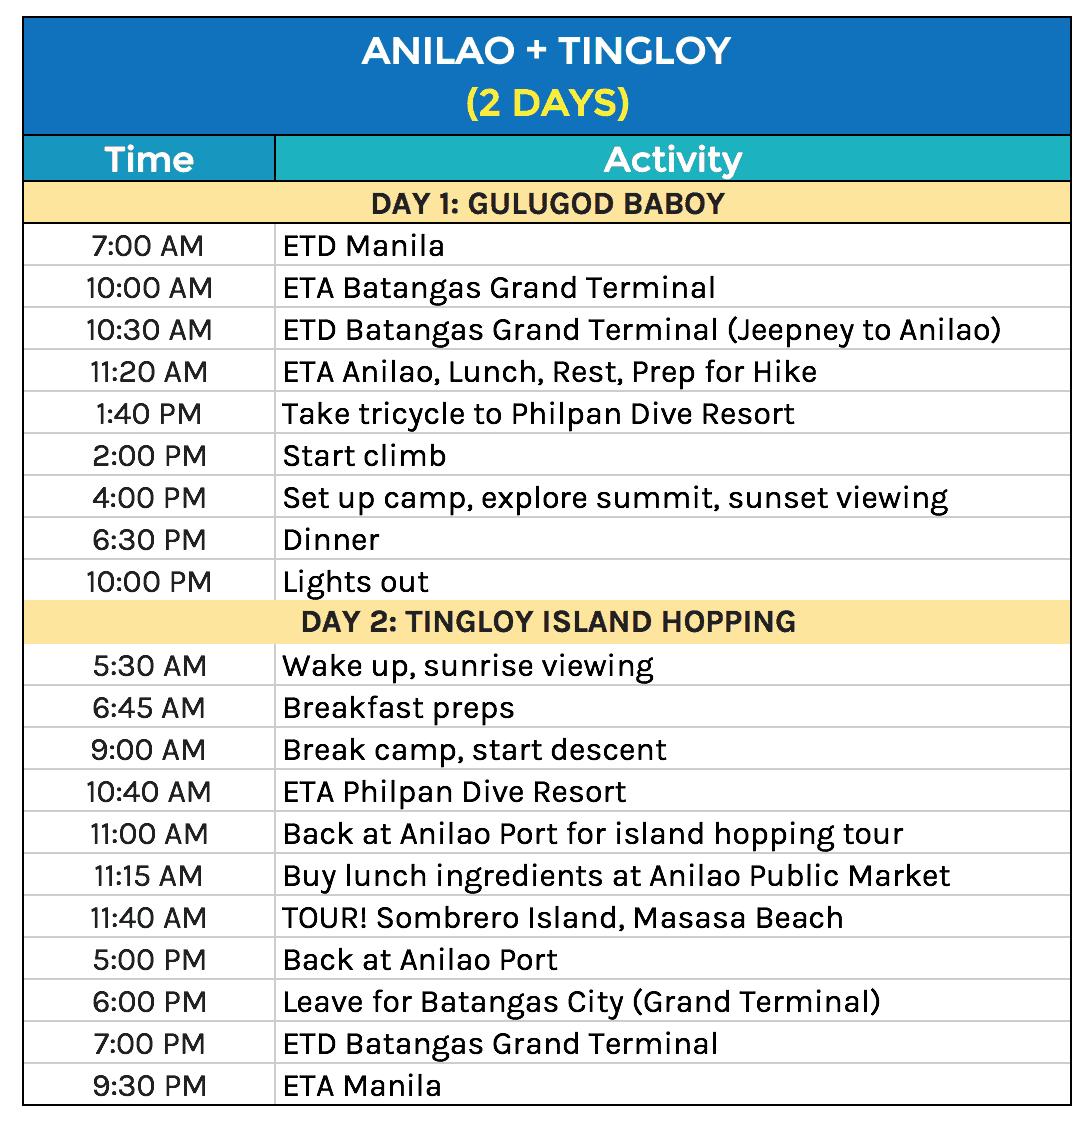 Tingloy Anilao Batangas